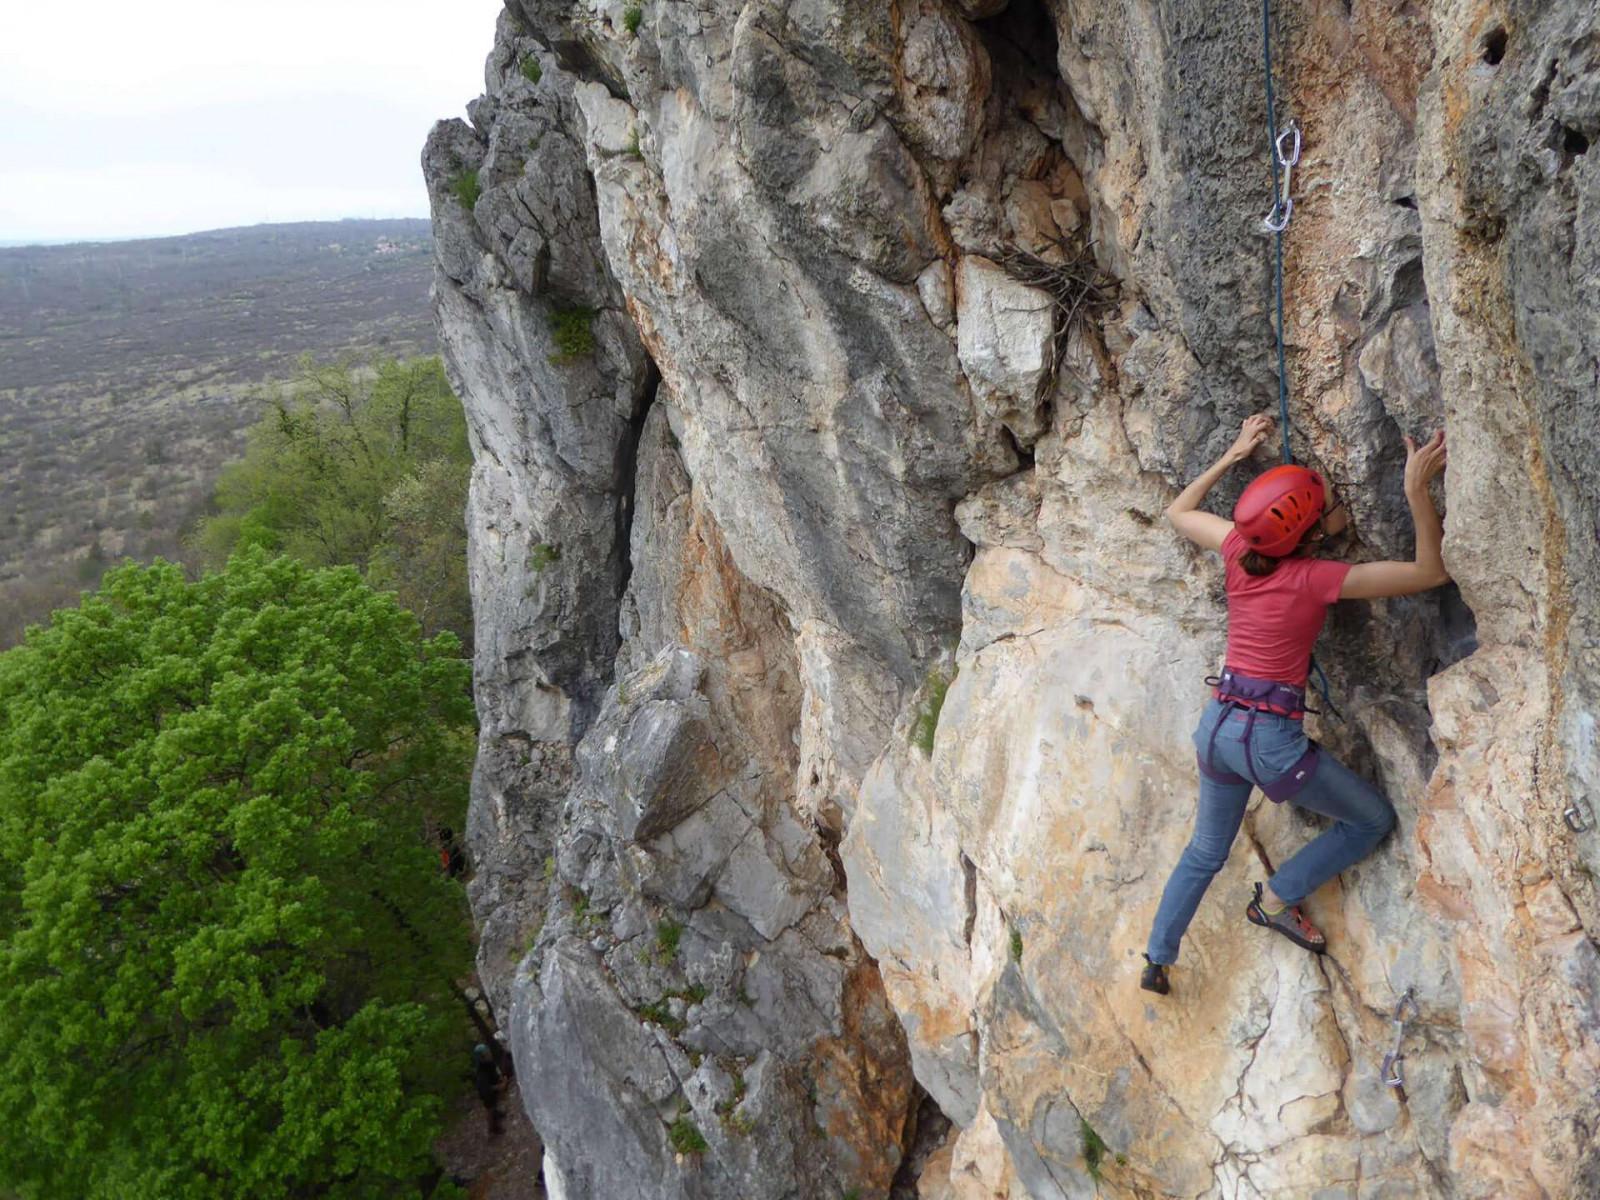 Trieste Climbing Experience: arrampicata sportiva per tutti